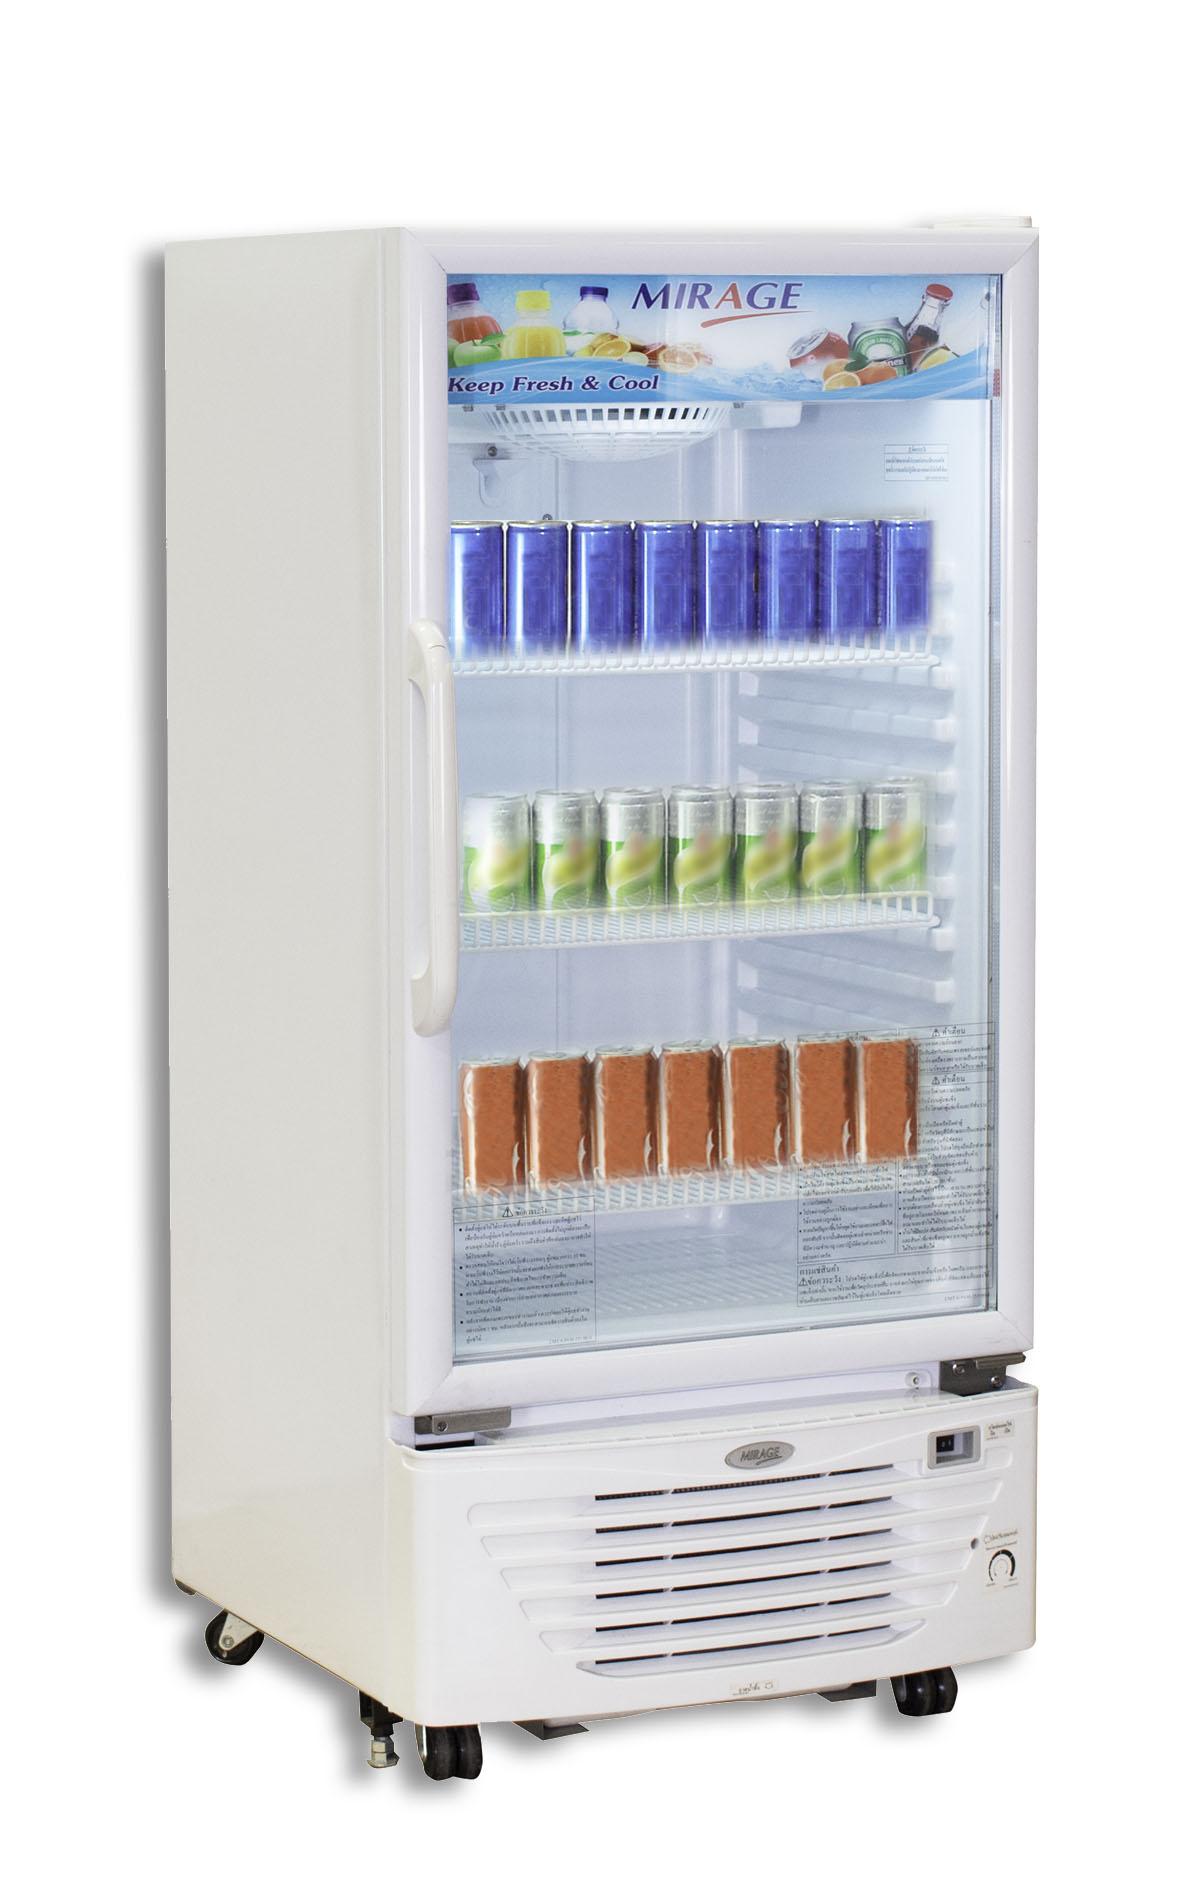 Mirage ตู้แช่เย็น / เครื่องดื่ม 1 ประตู จุ 7.1 คิว/201 ลิตร รุ่น BC172WN